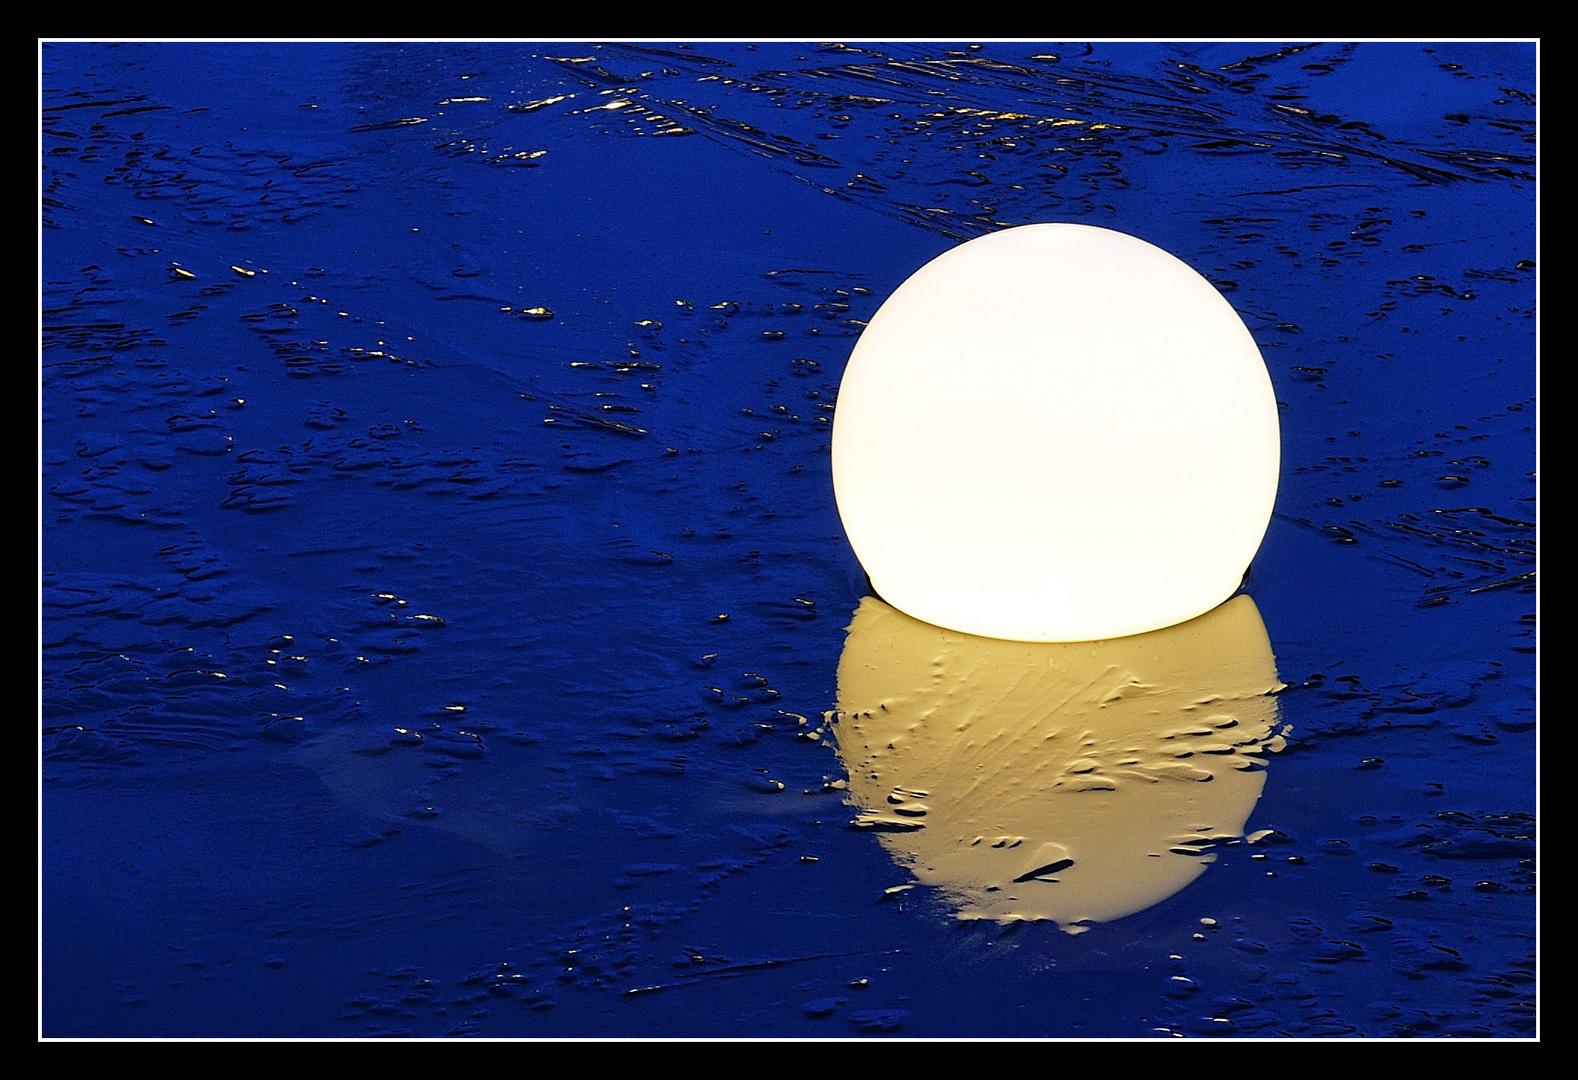 Als der Mond in den Teich fiel... (crop)